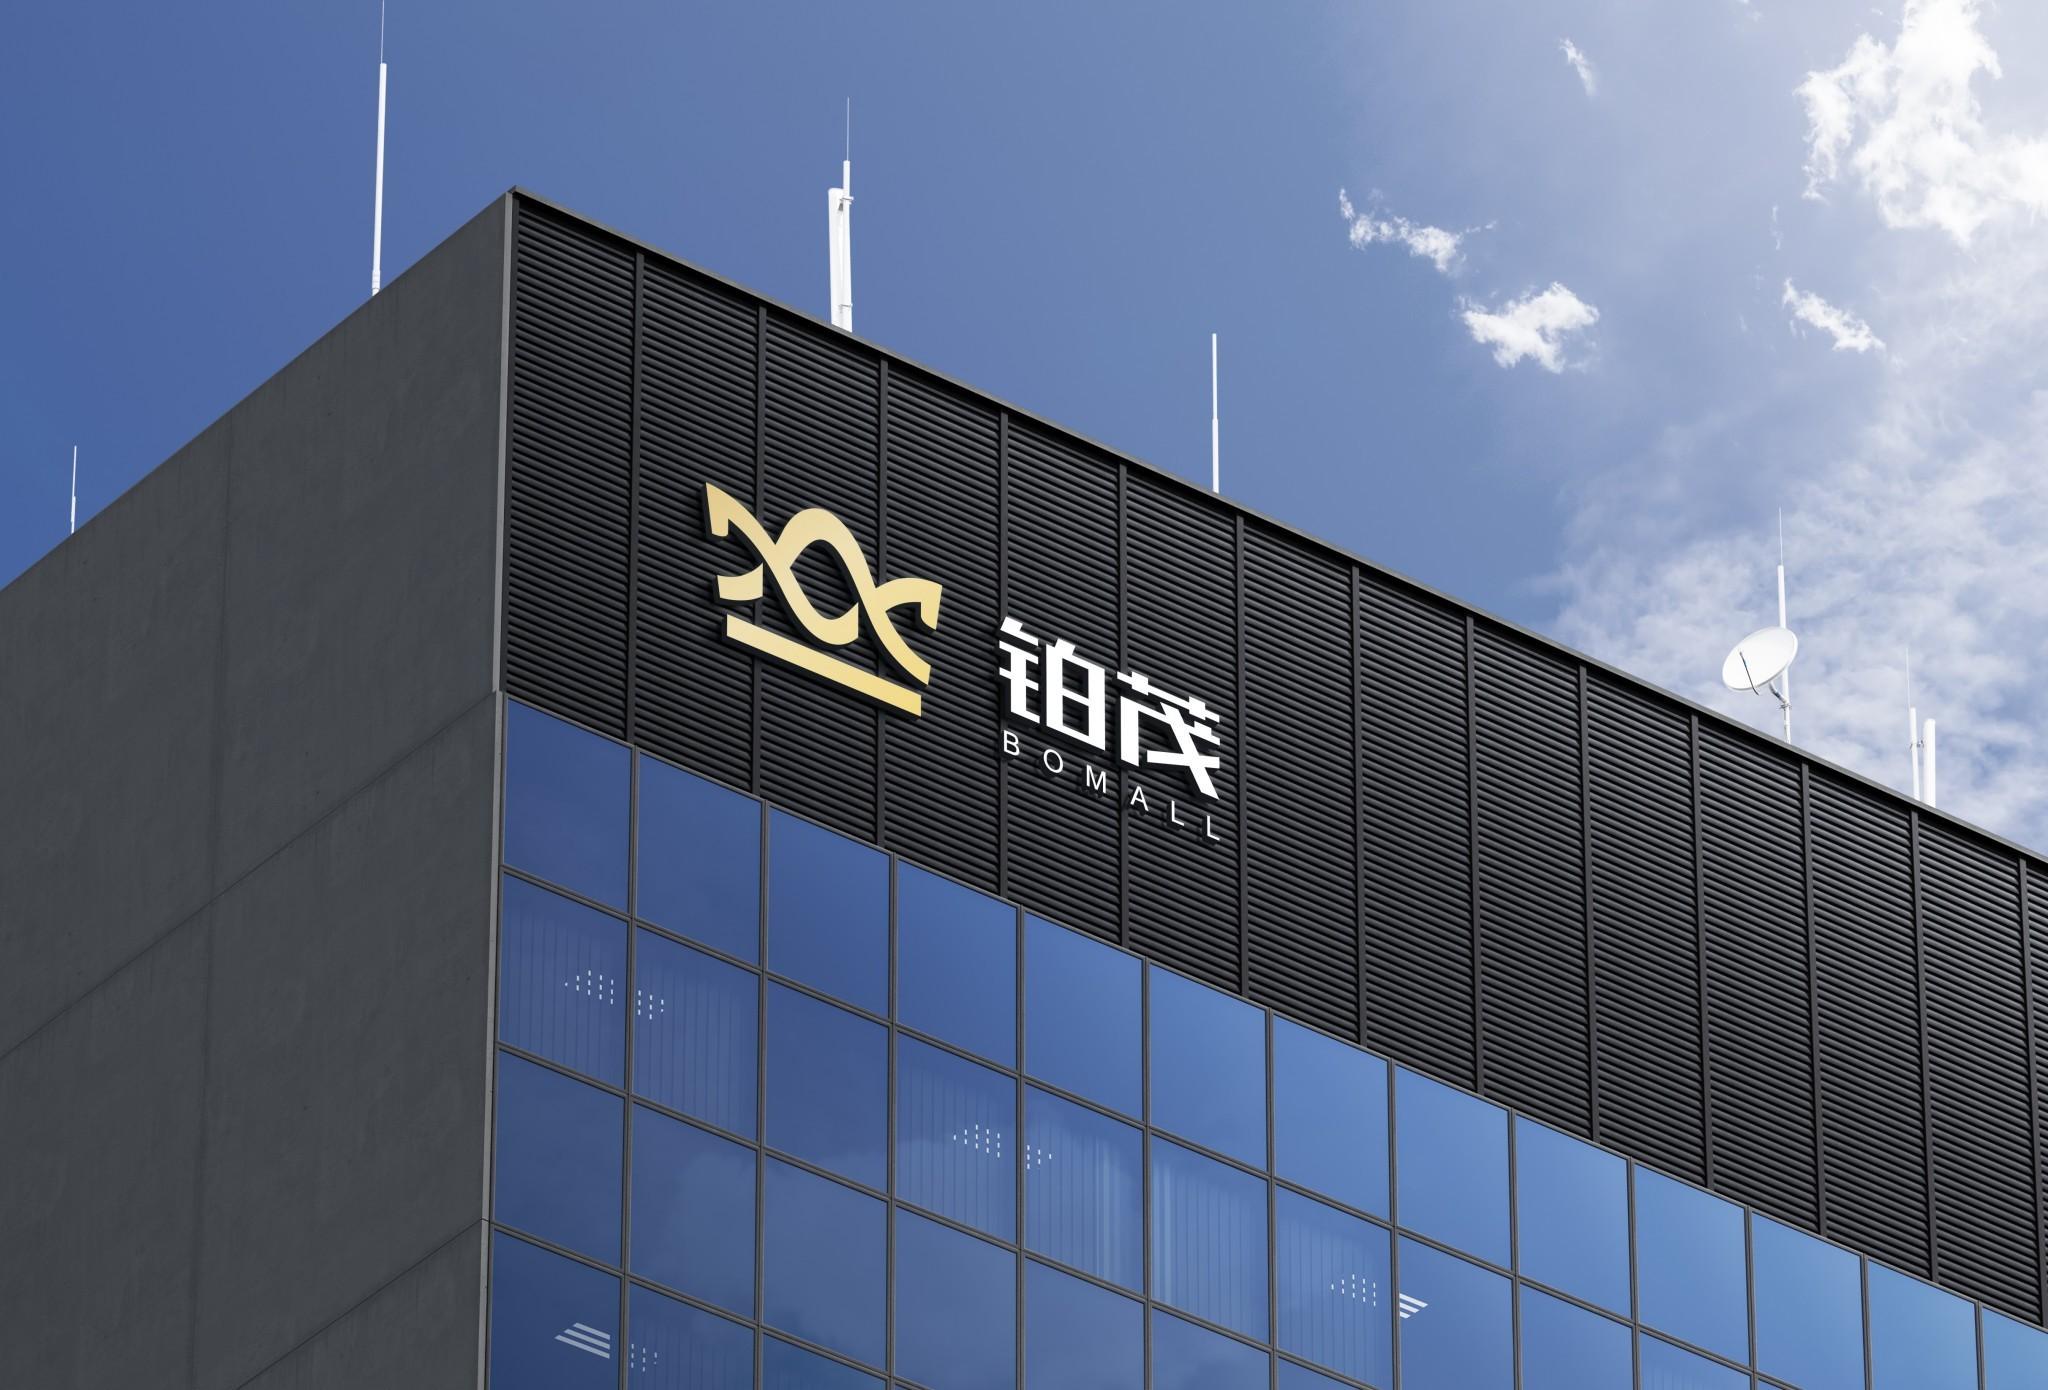 铂茂地产品牌命名-企业品牌形象设计-杭州达岸品牌策划设计公司